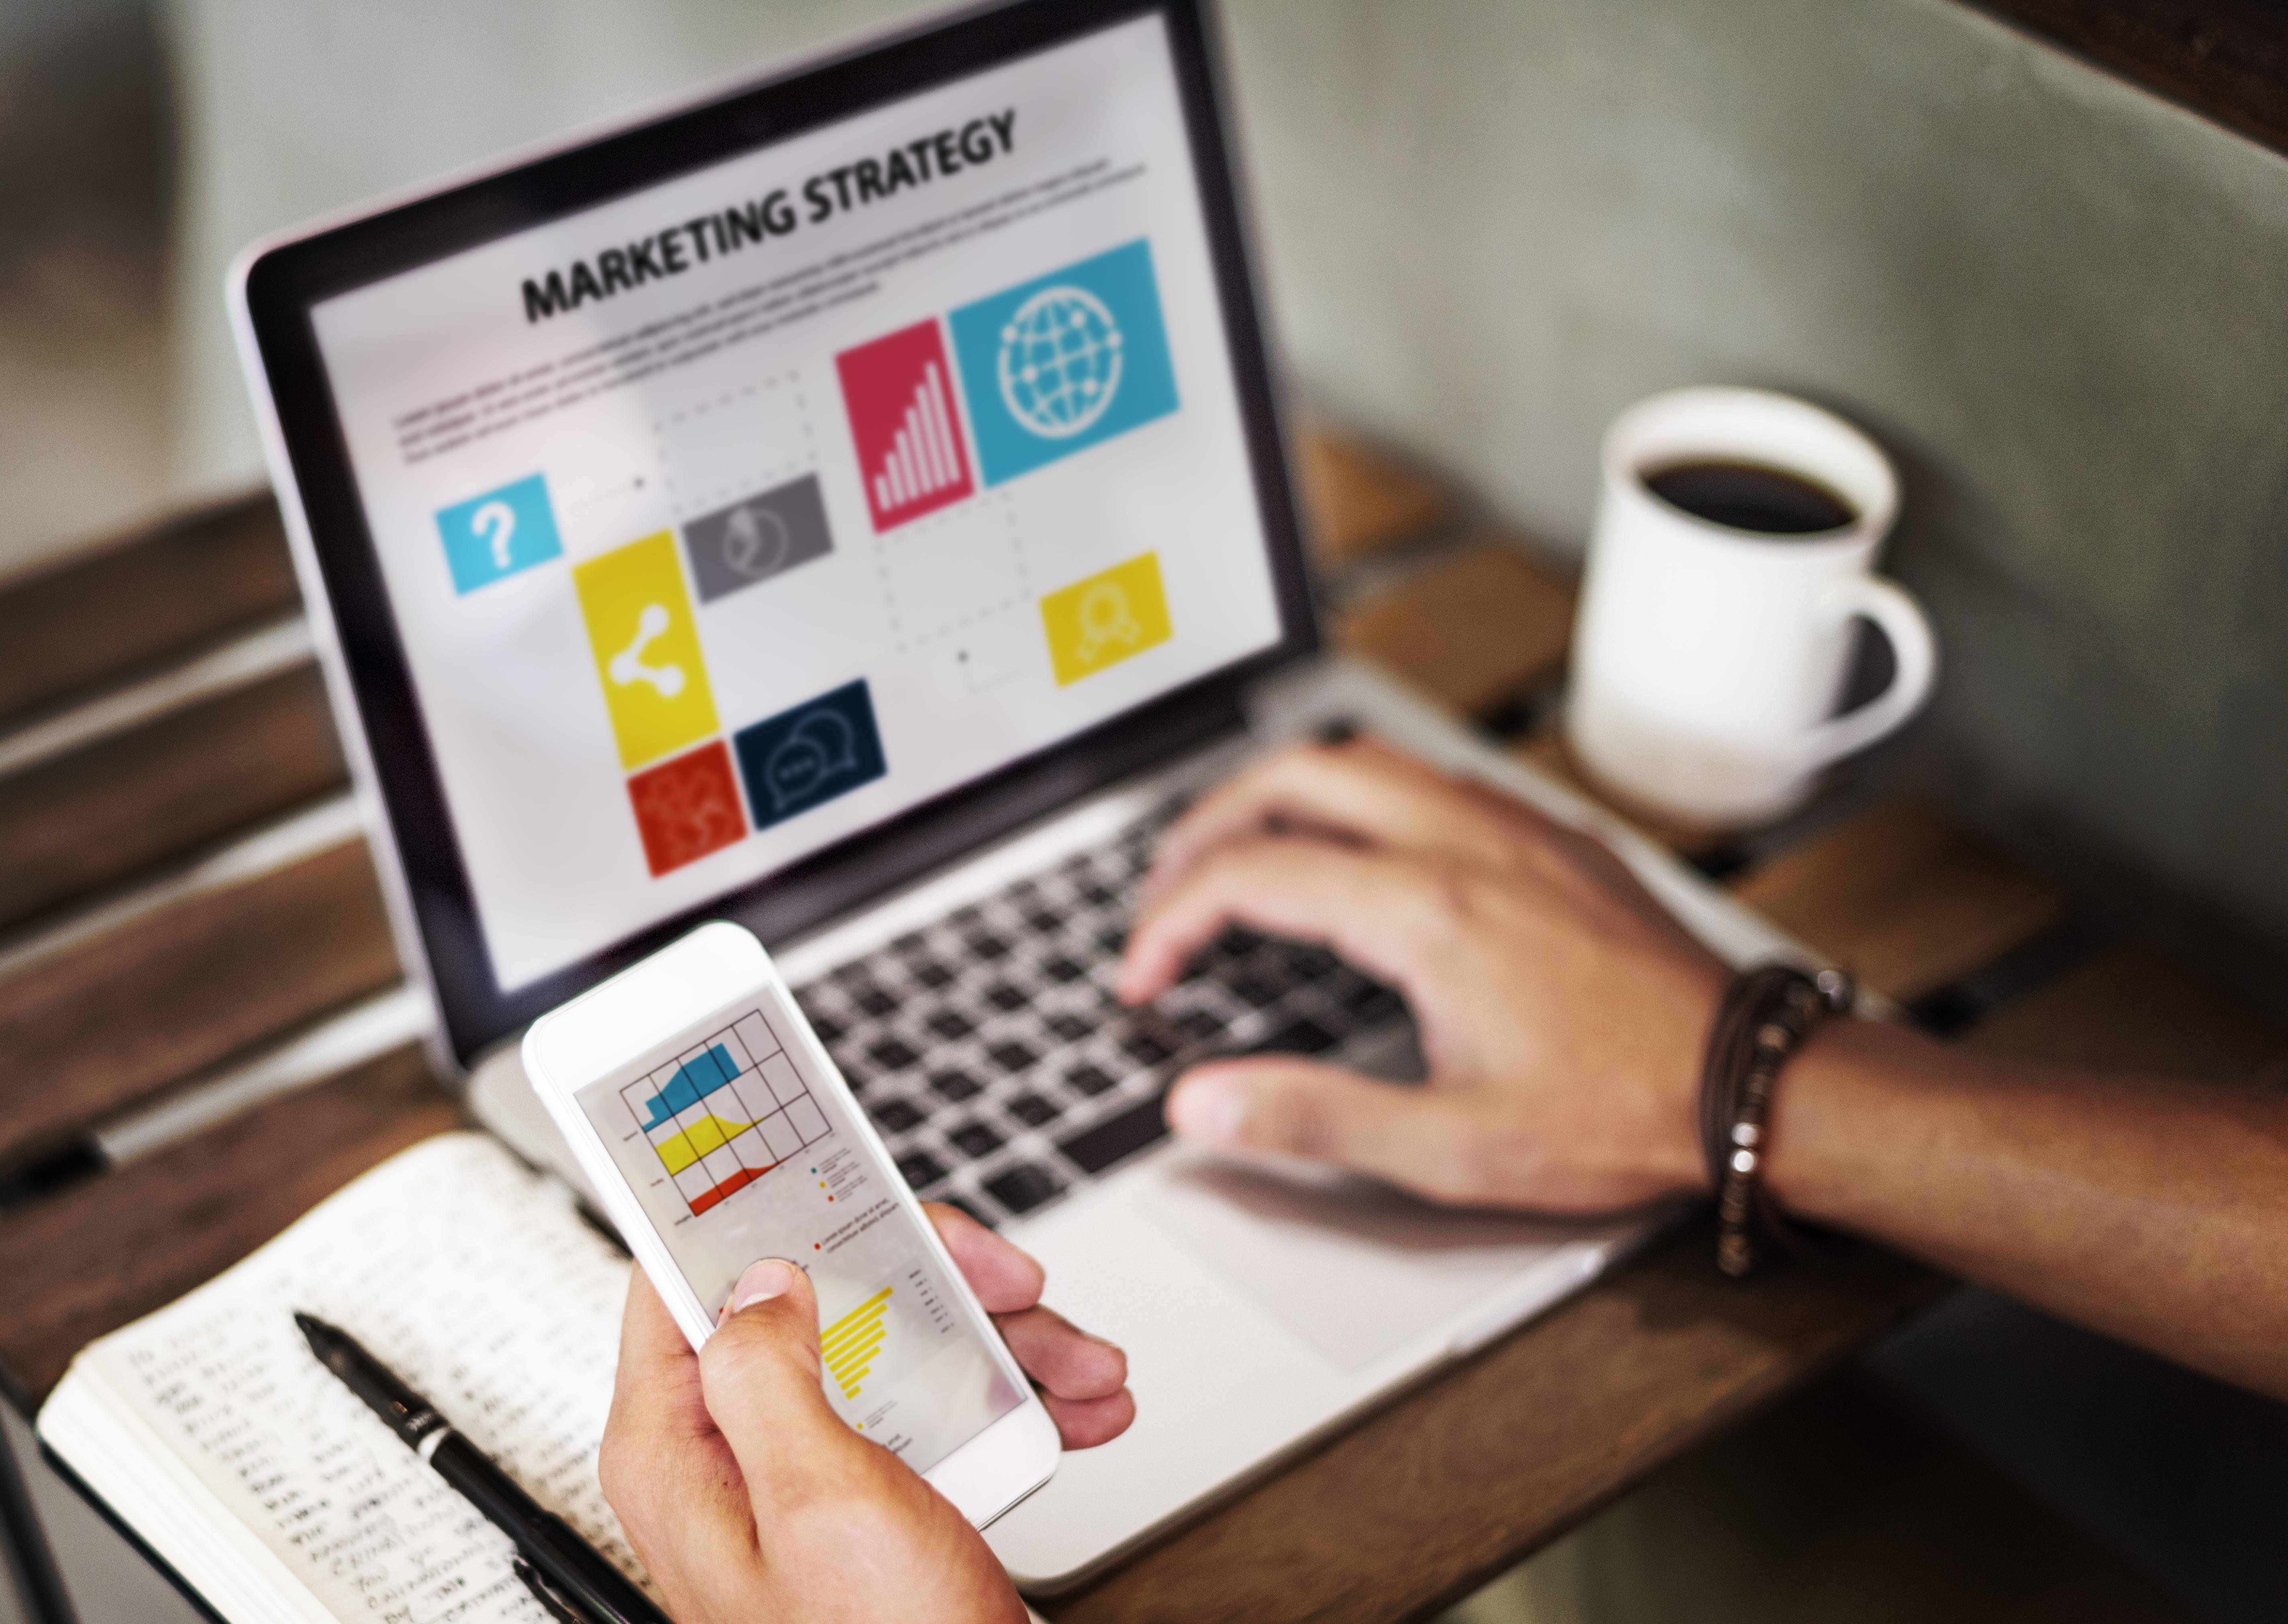 gestión de redes sociales y marketing digital impotente para el seguro